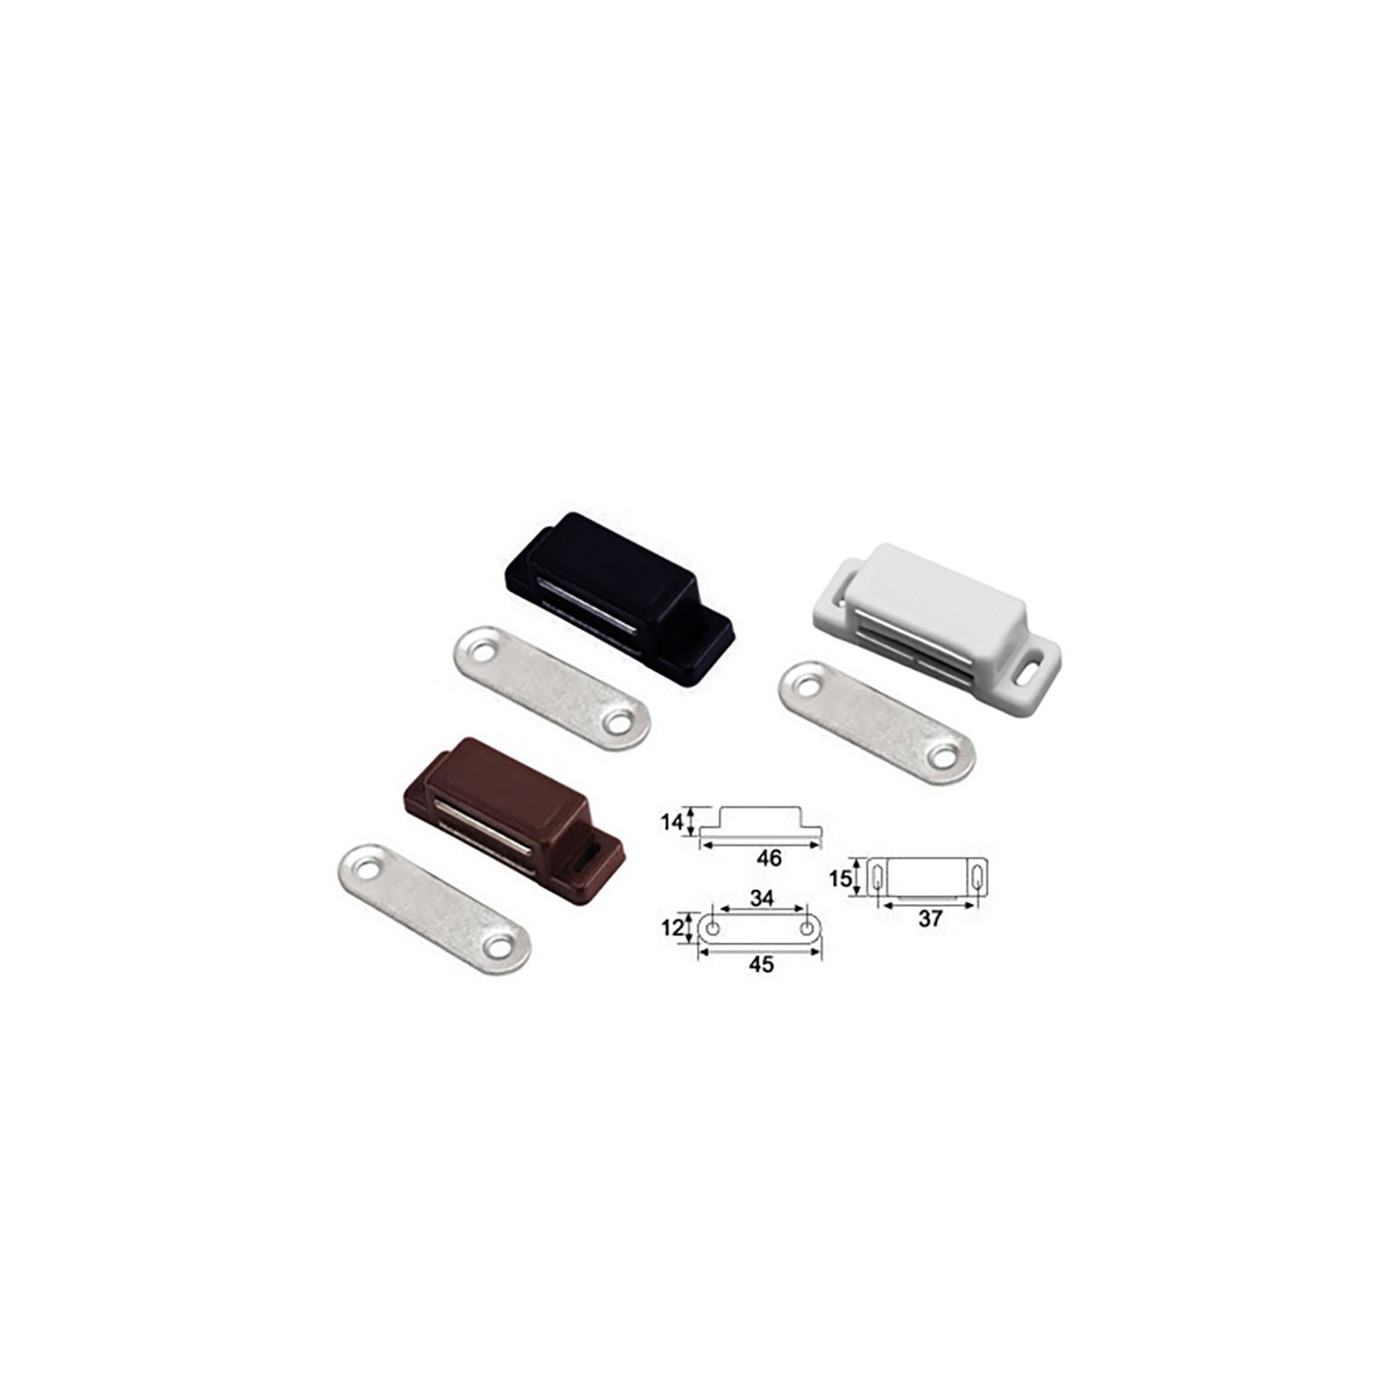 Set van 32 magneetsnappers, magneetsloten, bruin